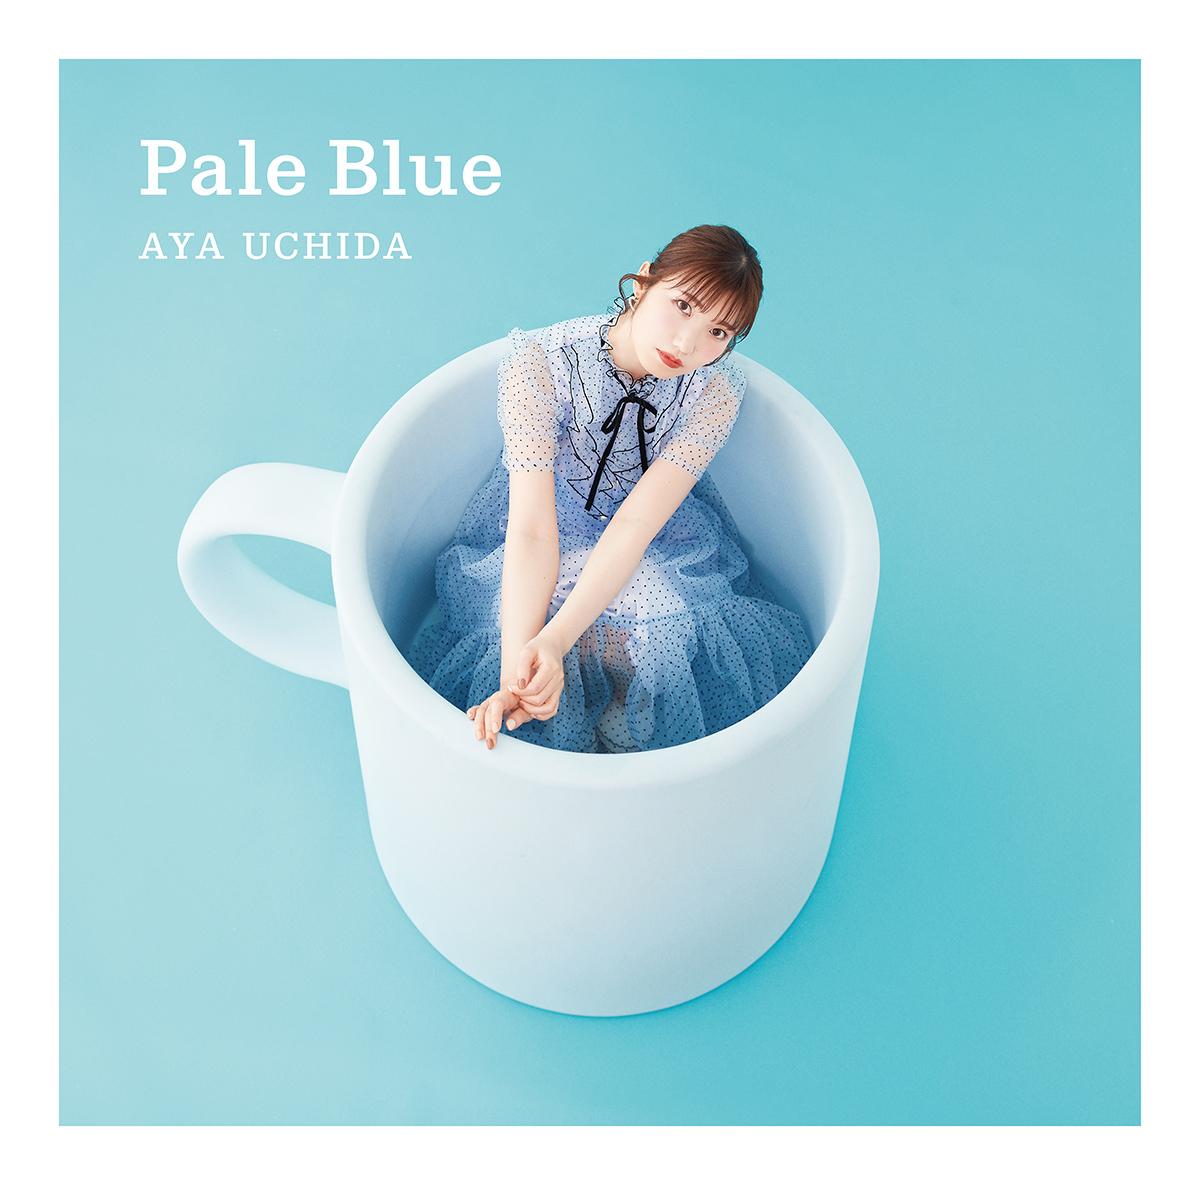 内田彩の5thシングル「Pale Blue」初回限定盤